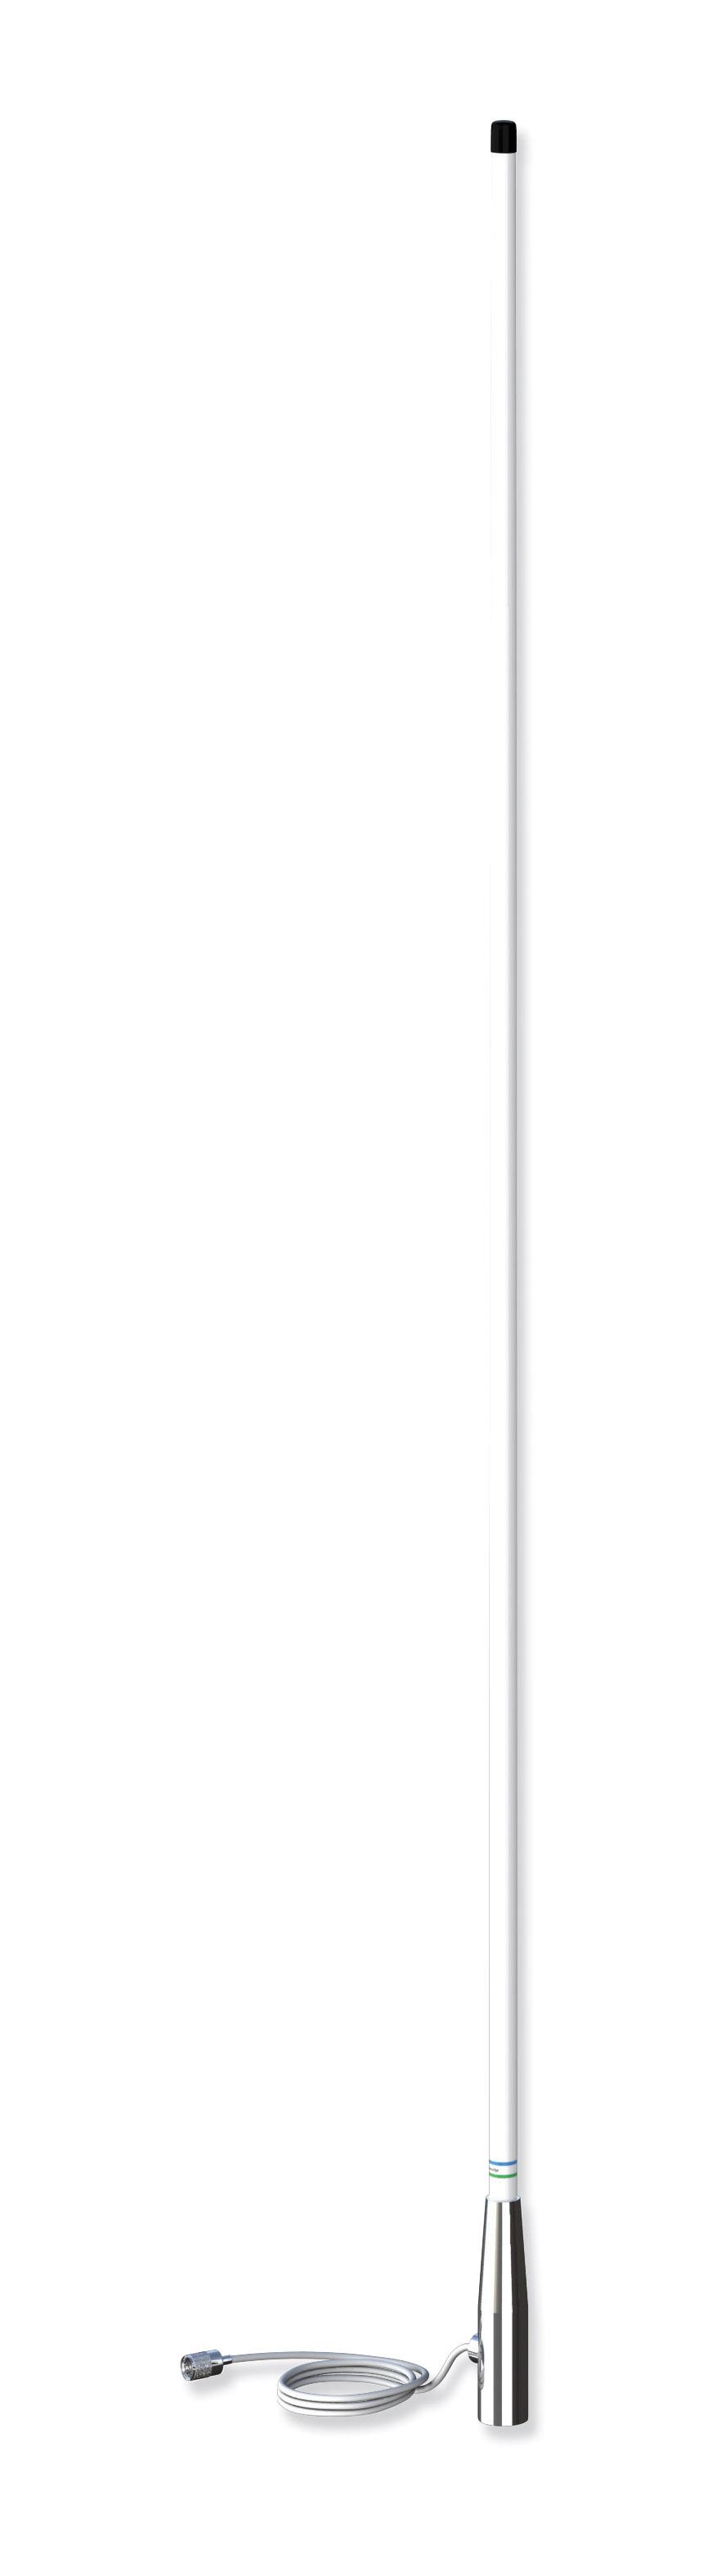 【国際VHF無線アンテナ】シェークスピア 5フィート